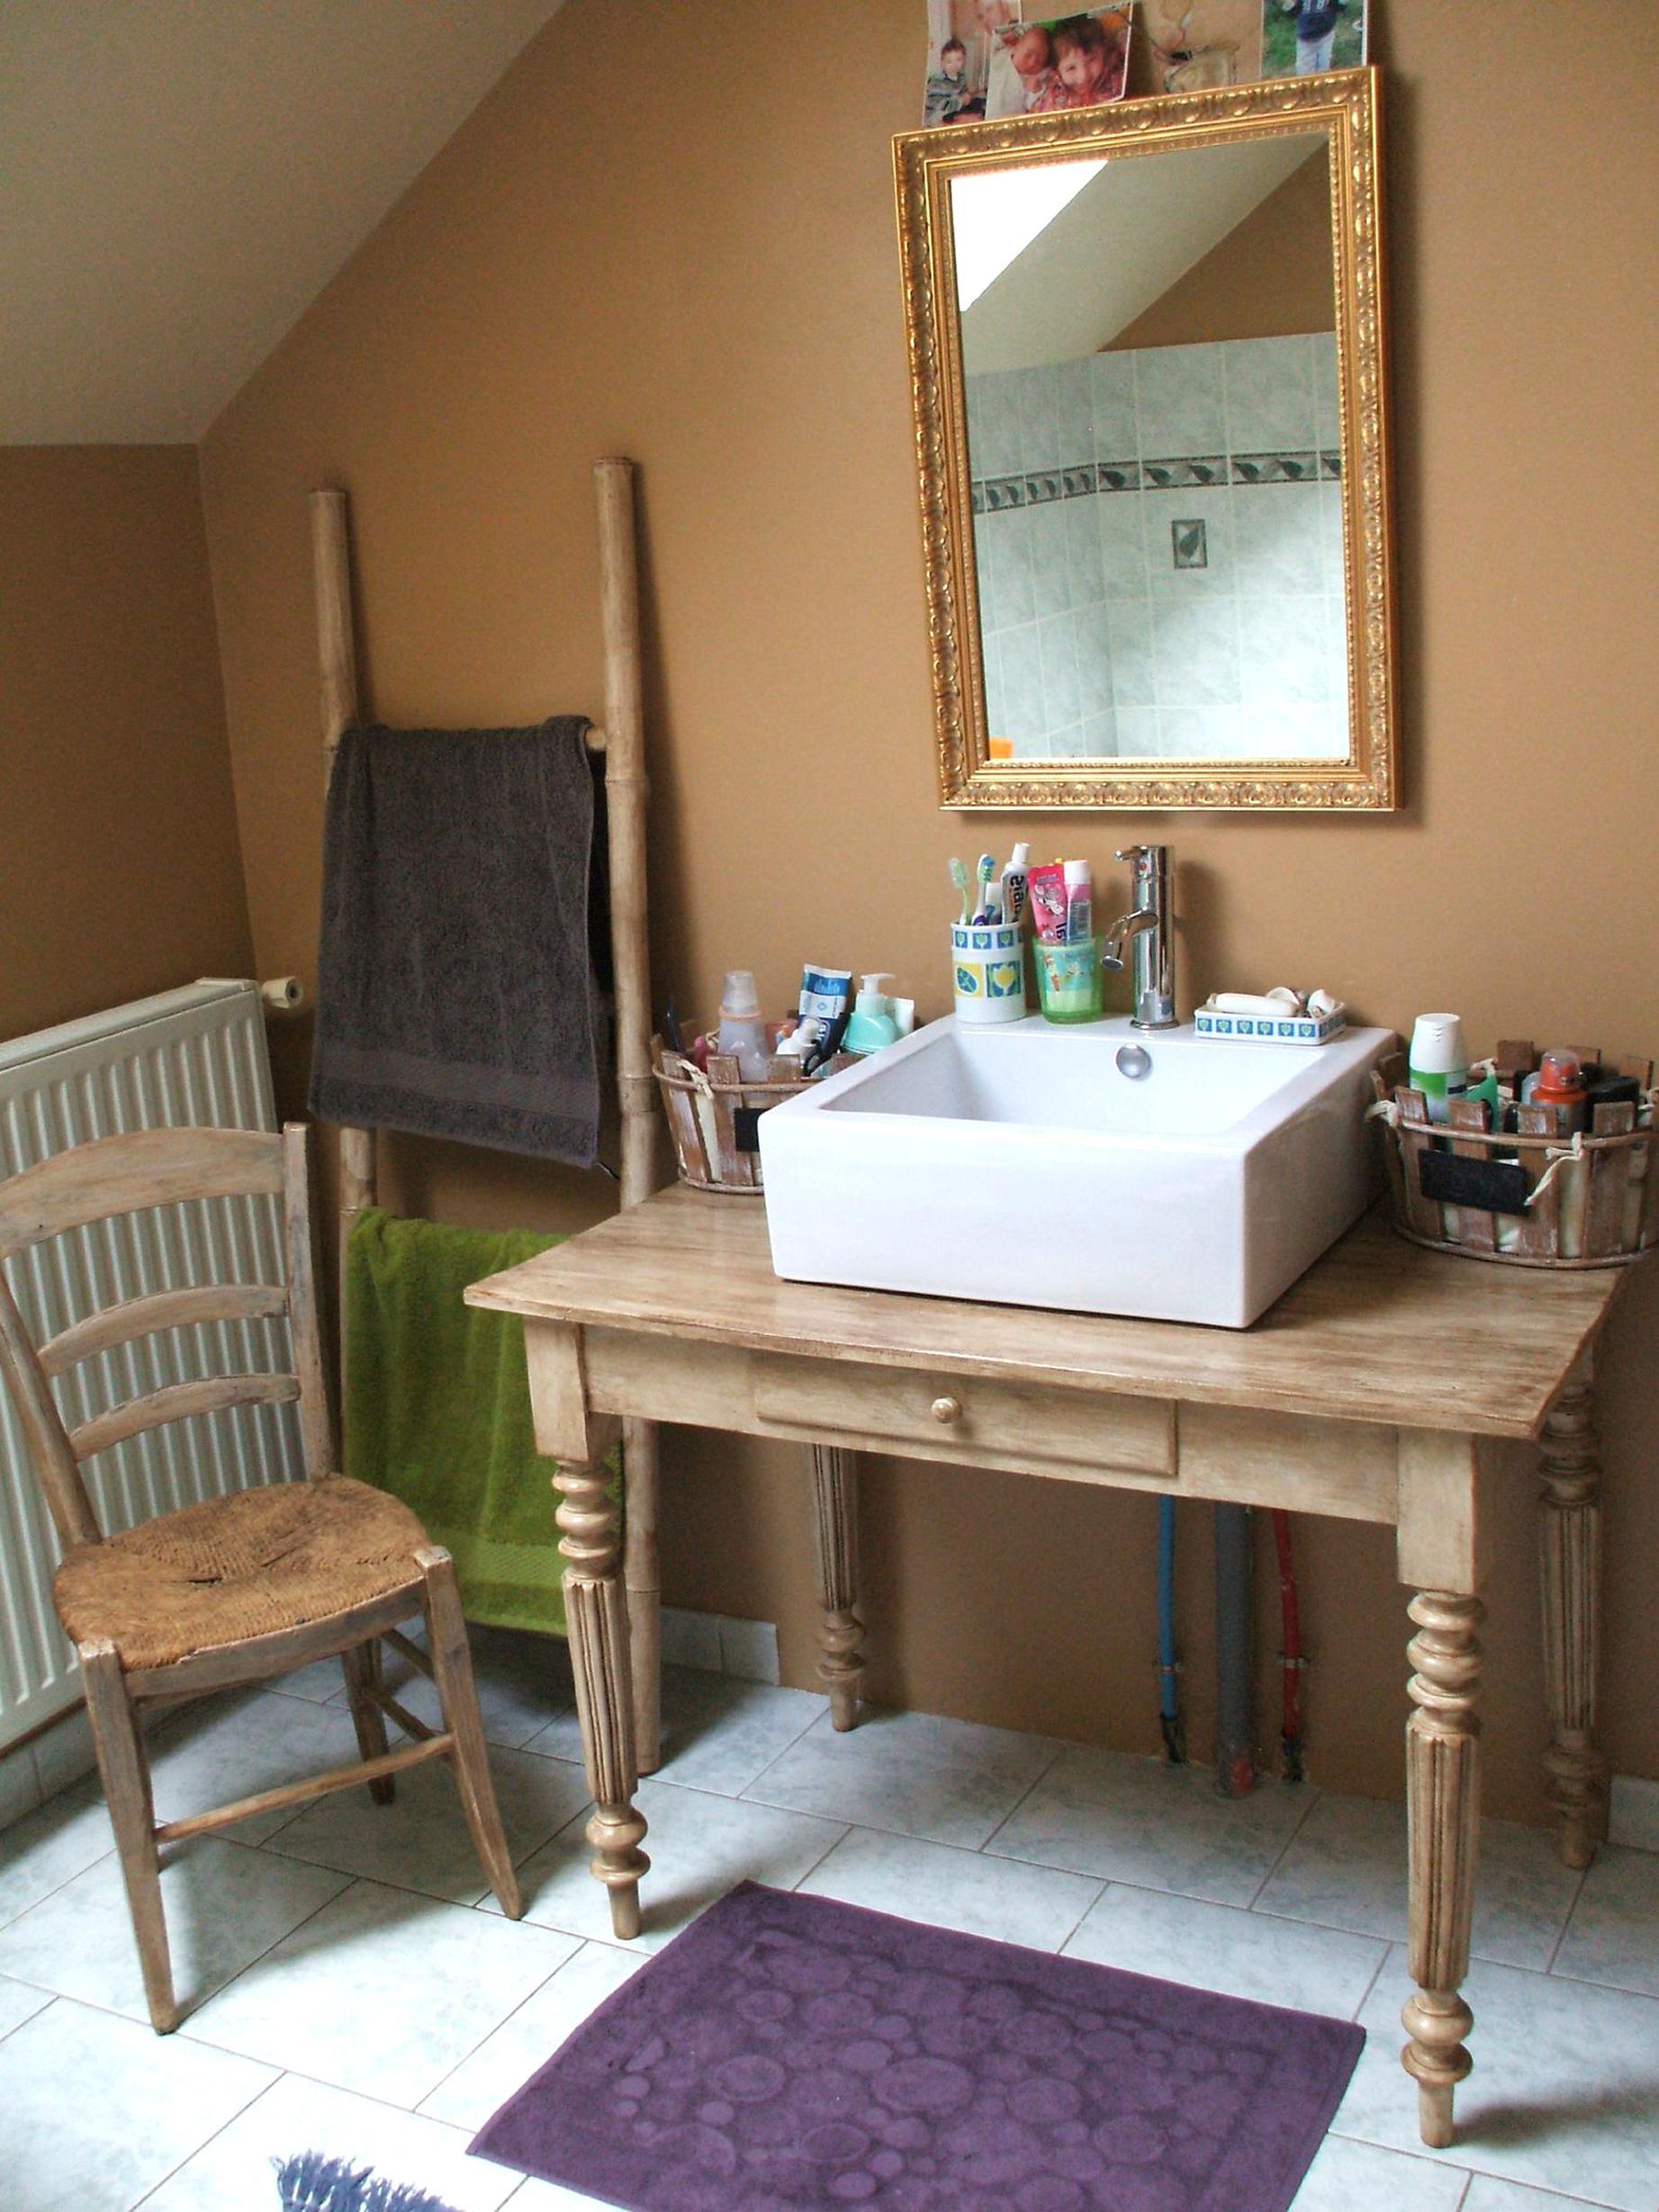 Meuble Sous Evier Ancien vasque ancien meuble d'occasion